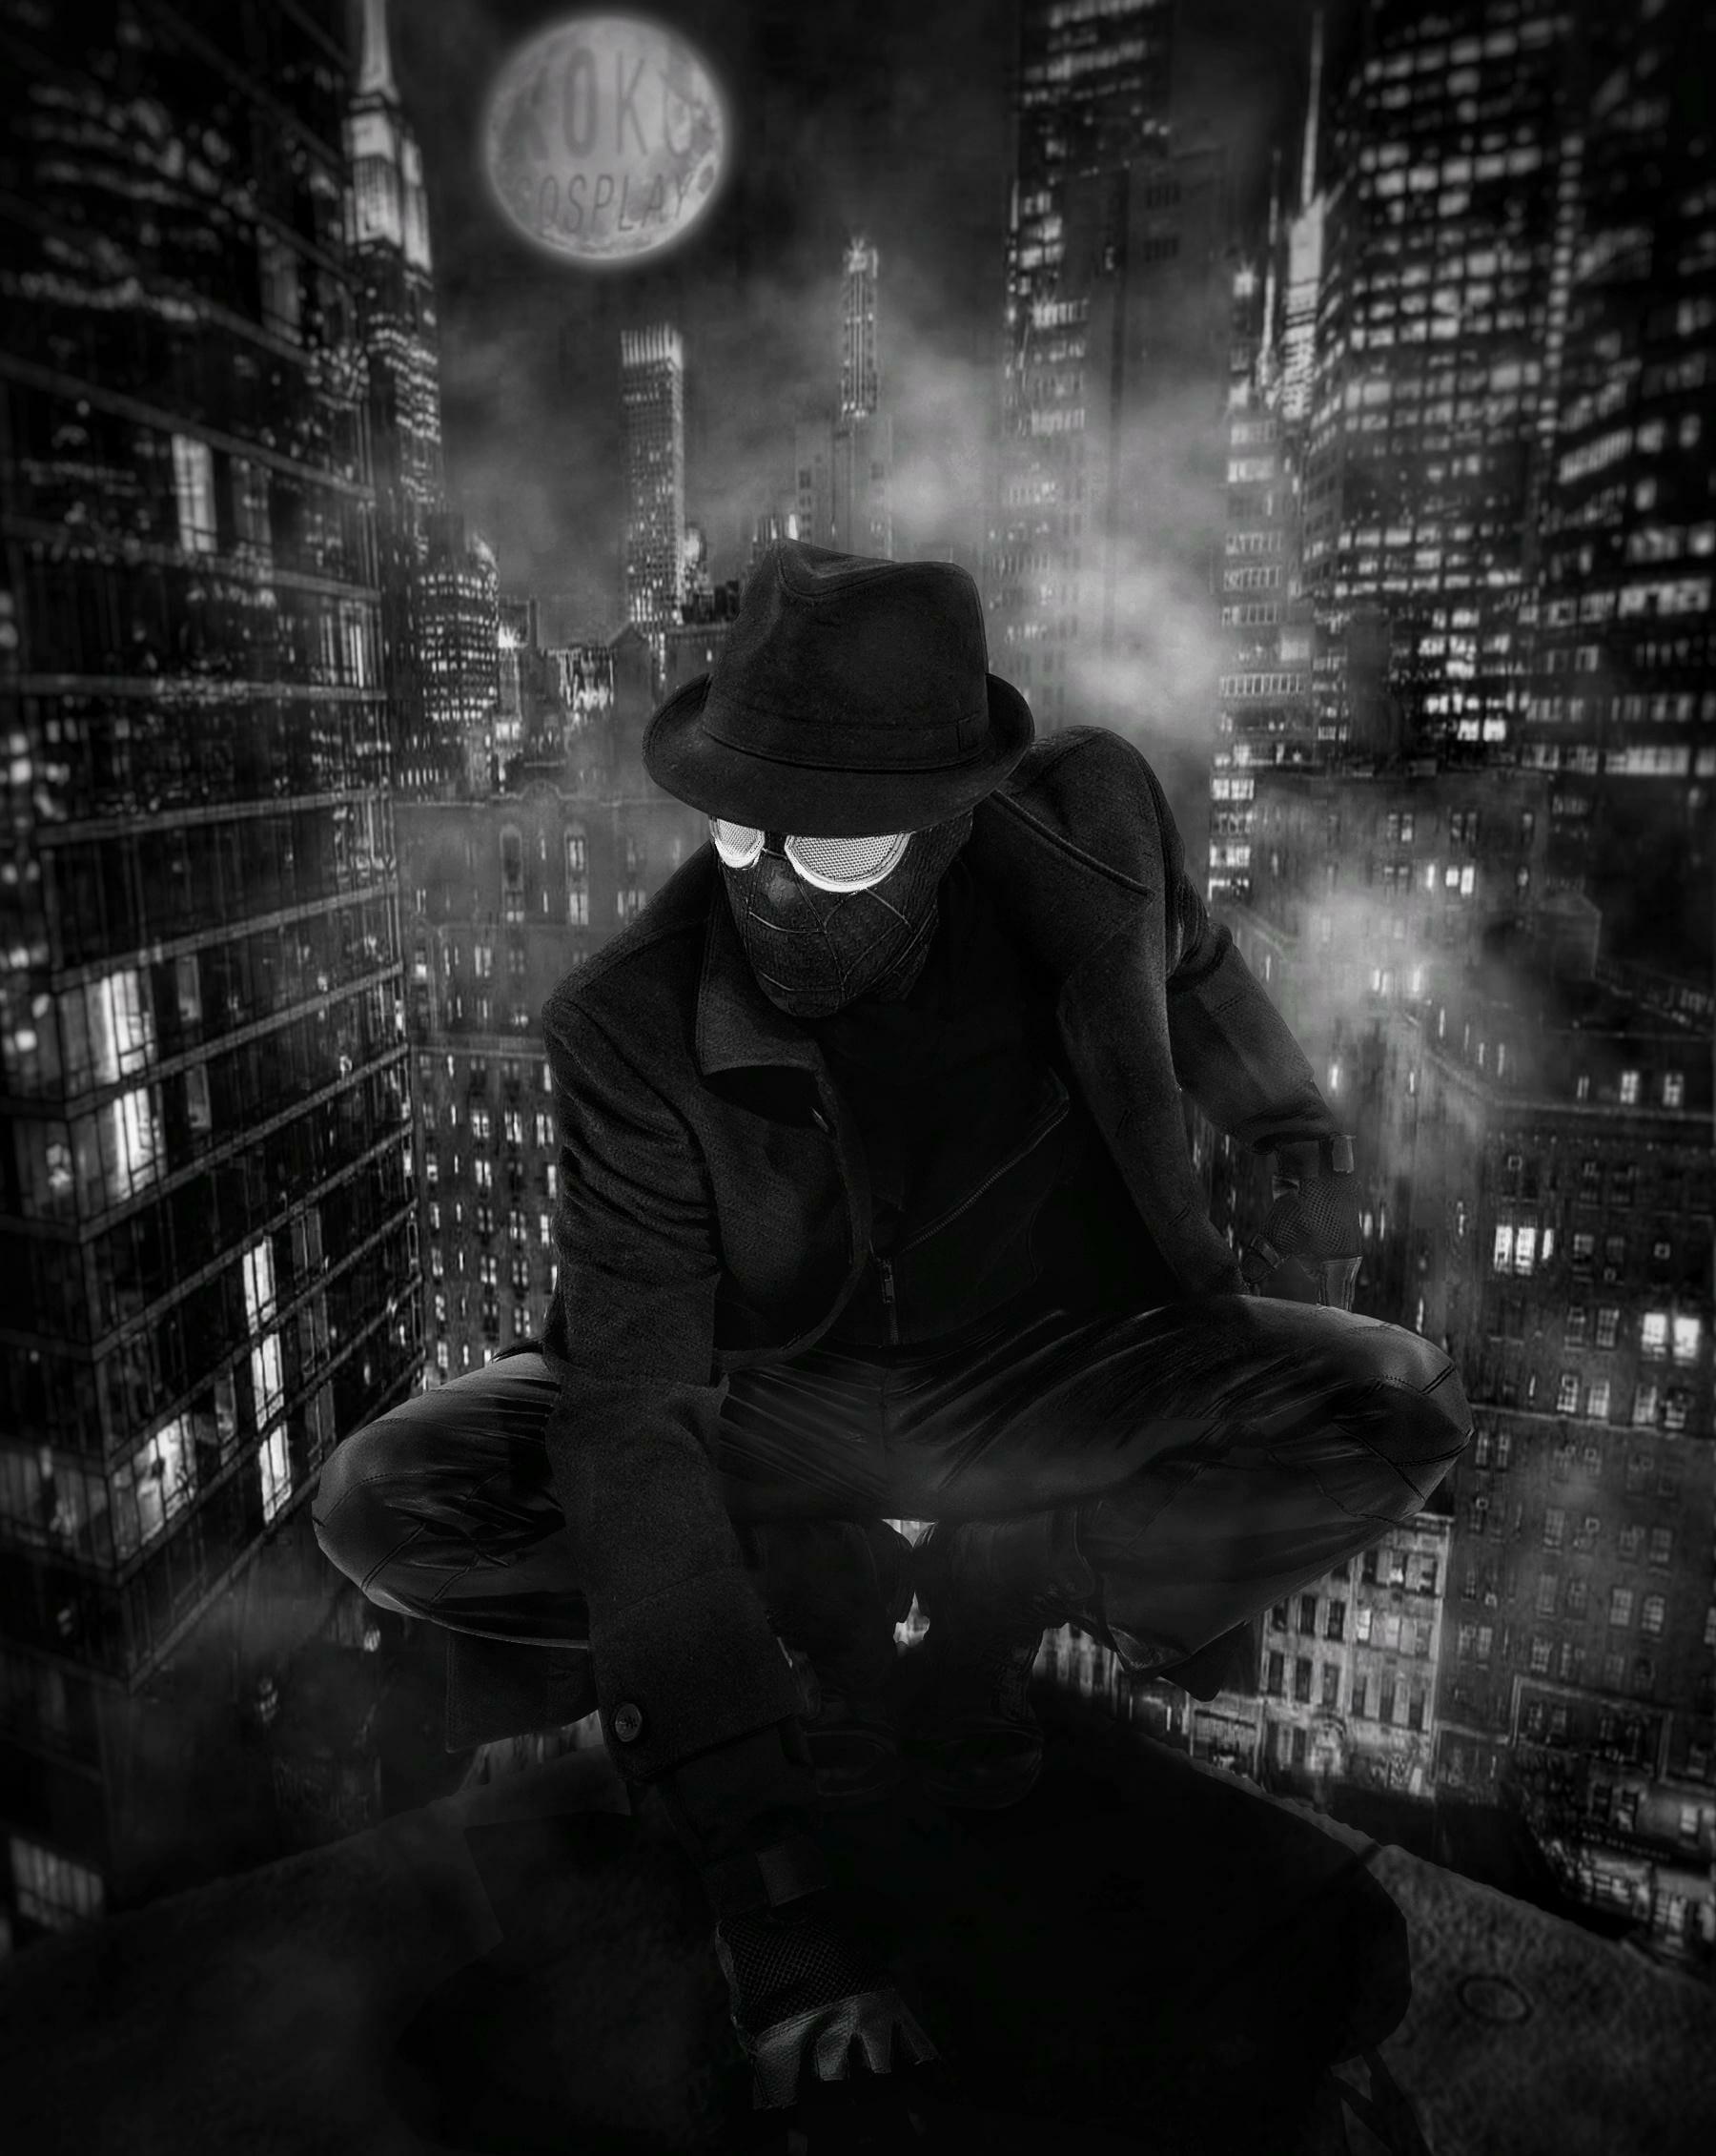 Spider-man Noir cosplay